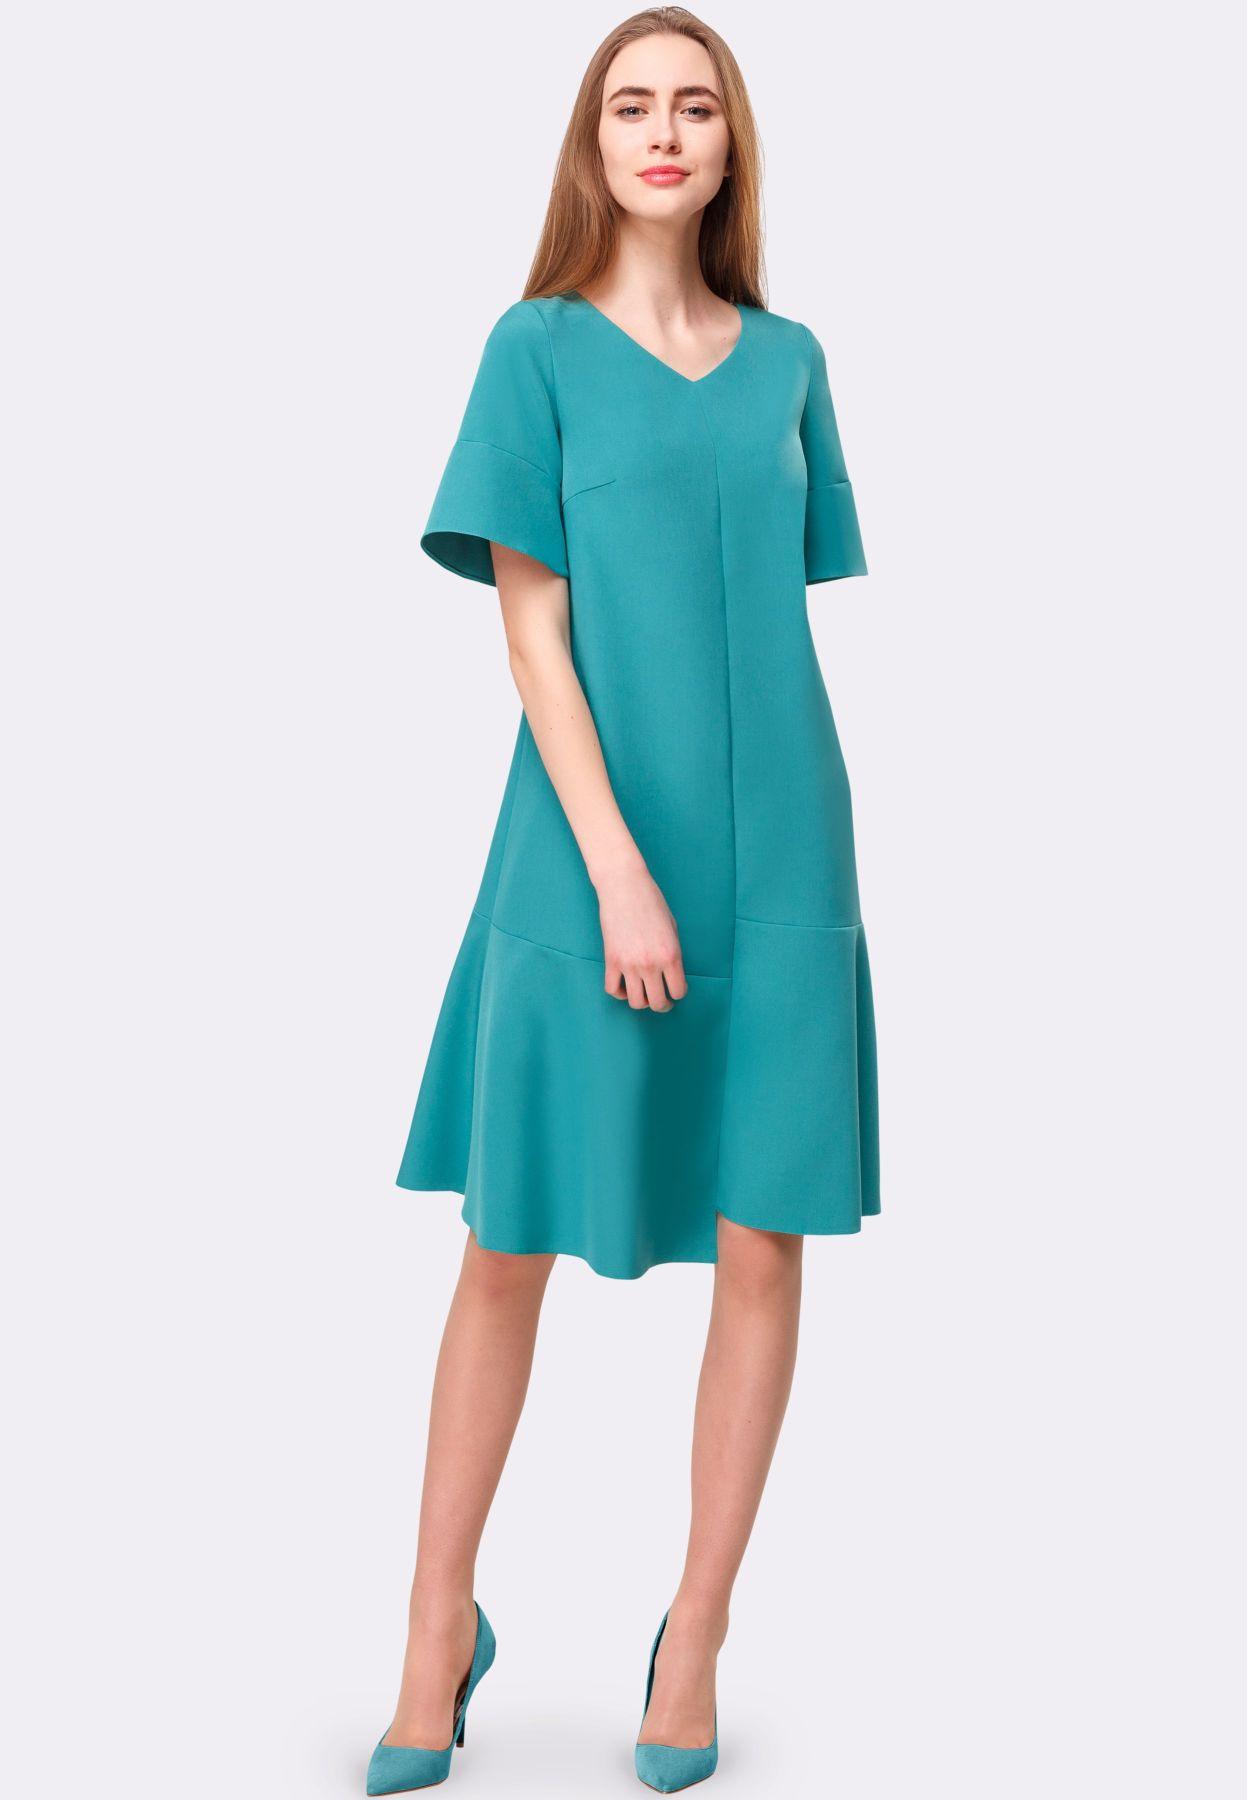 2f9f91ce2cb6b49 Следует заметить, что иметь в своем гардеробе коктейльное платье весьма  полезно – ведь его можно носить каждый день. К примеру, накинуть сверху  стильный ...